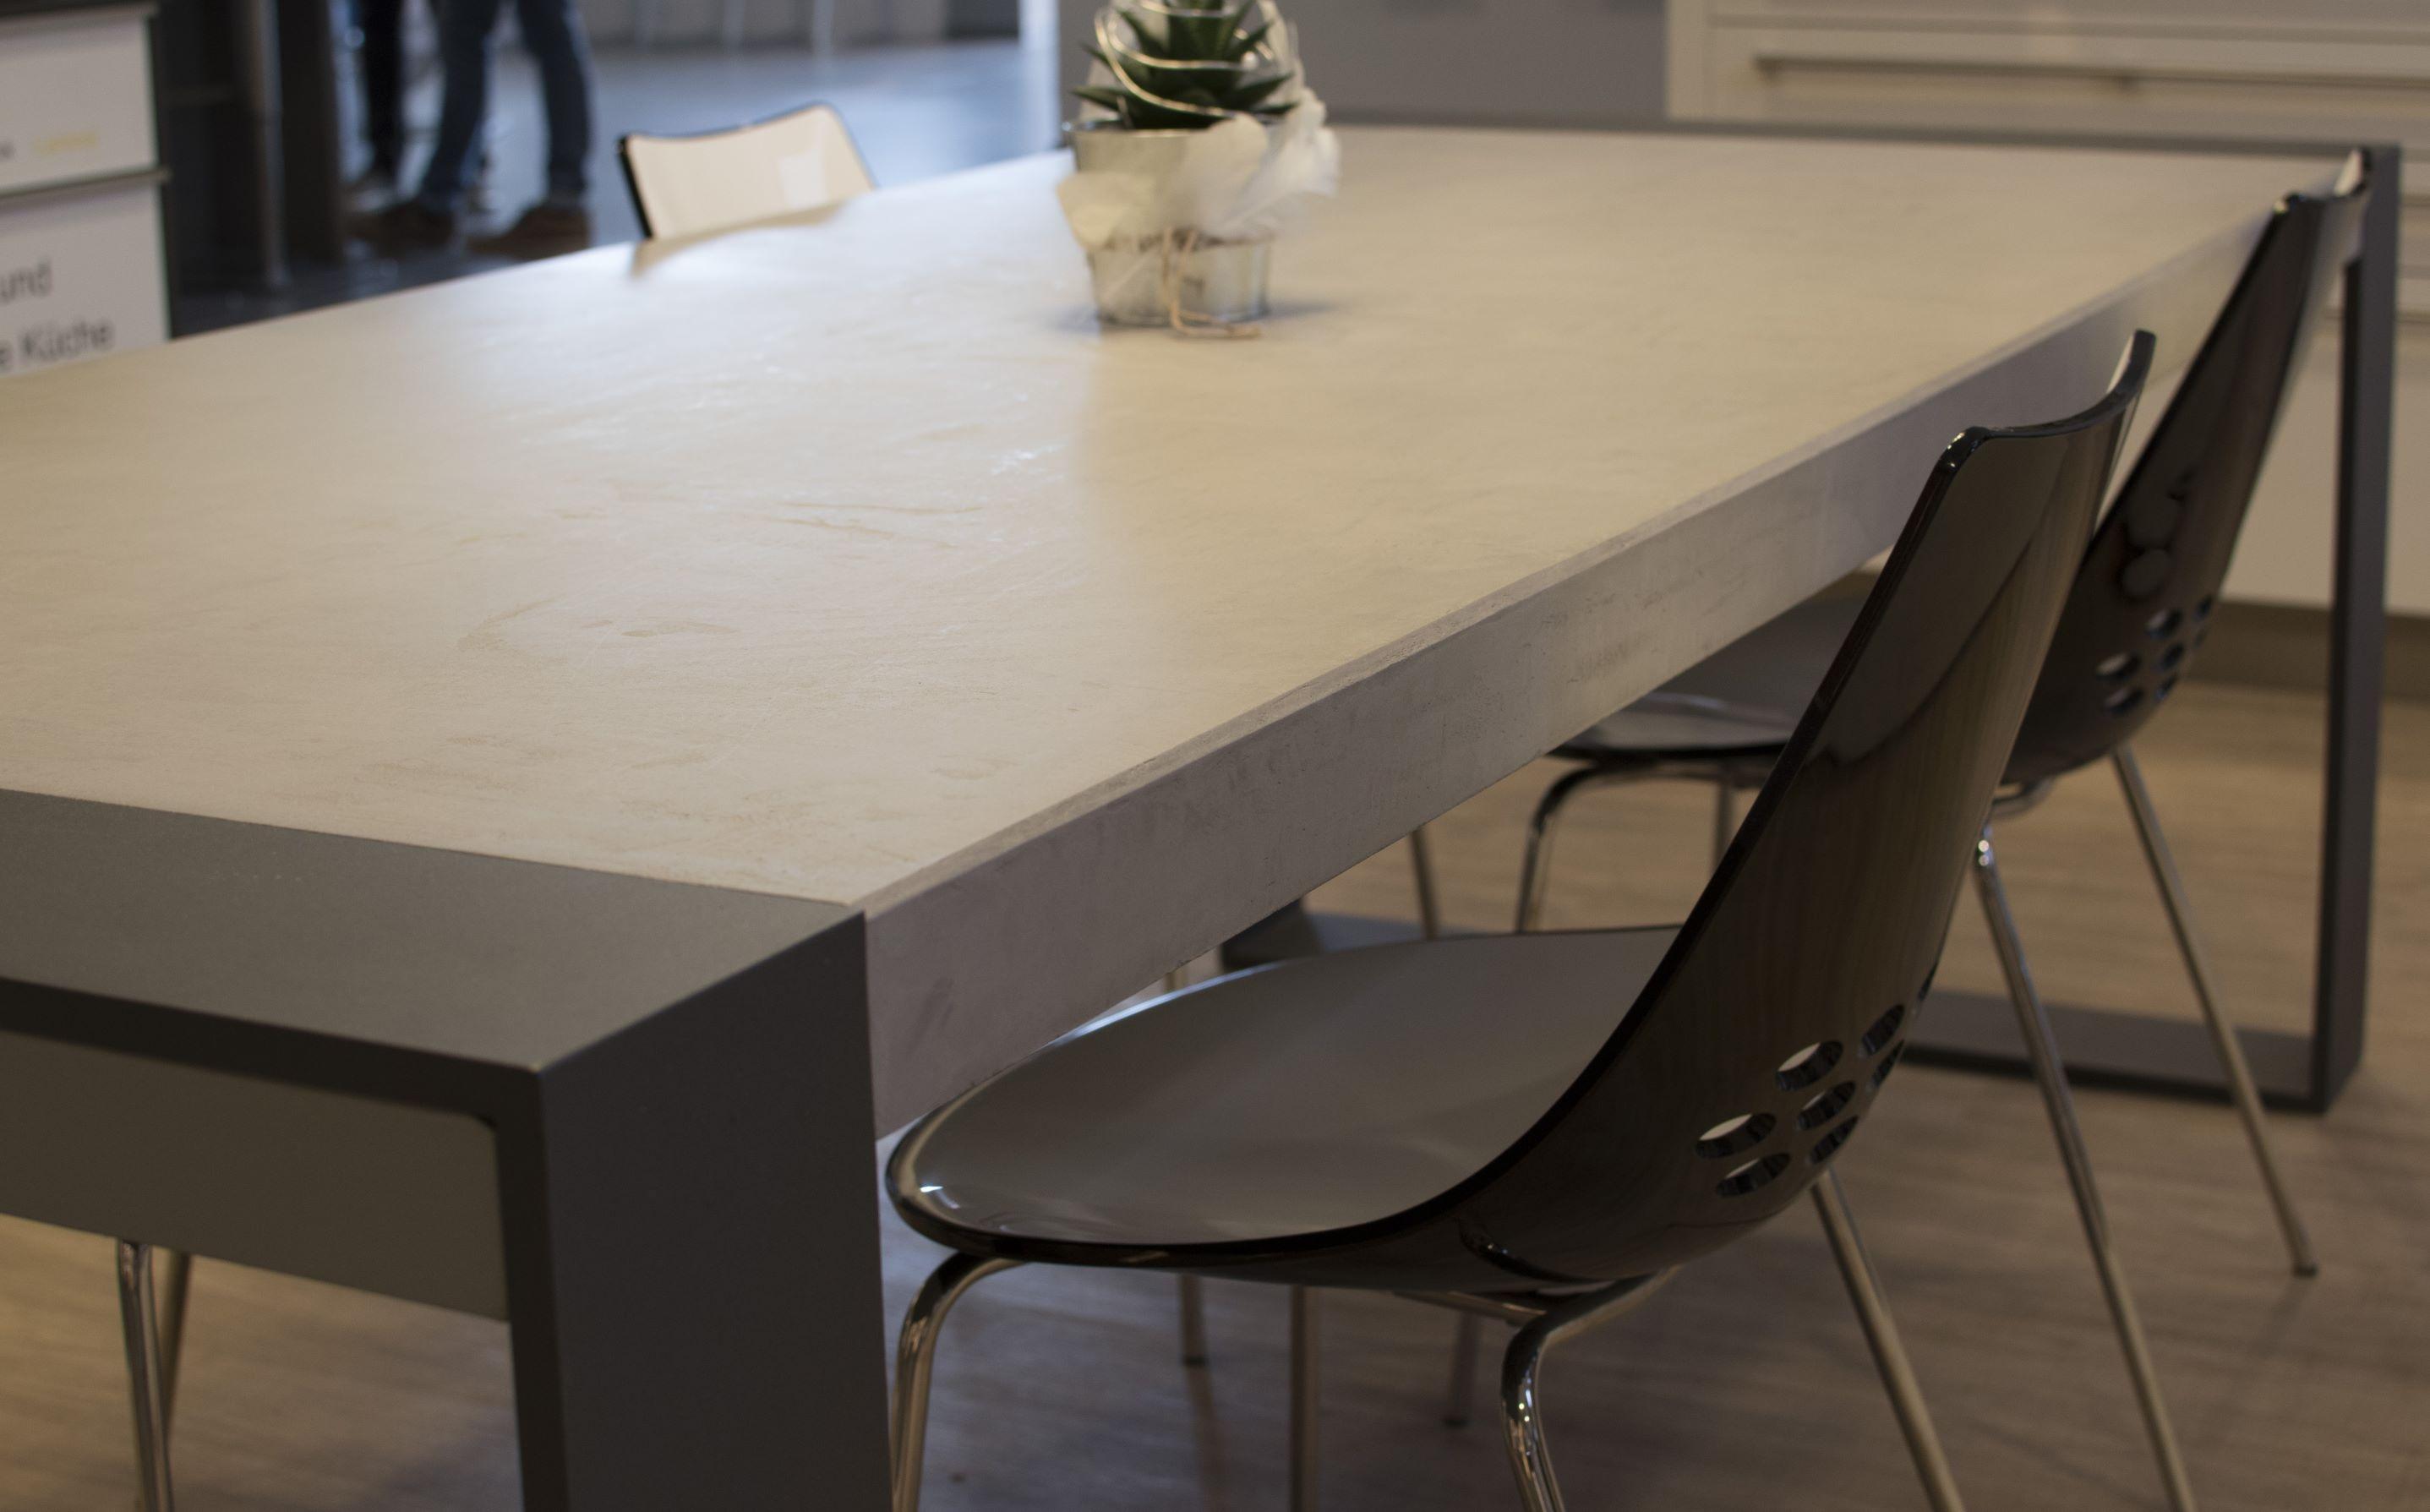 mainTisch-Beton-Tisch-Betontist-massTisch-Schreibtisch-Esstisch-Stahlrahmen5